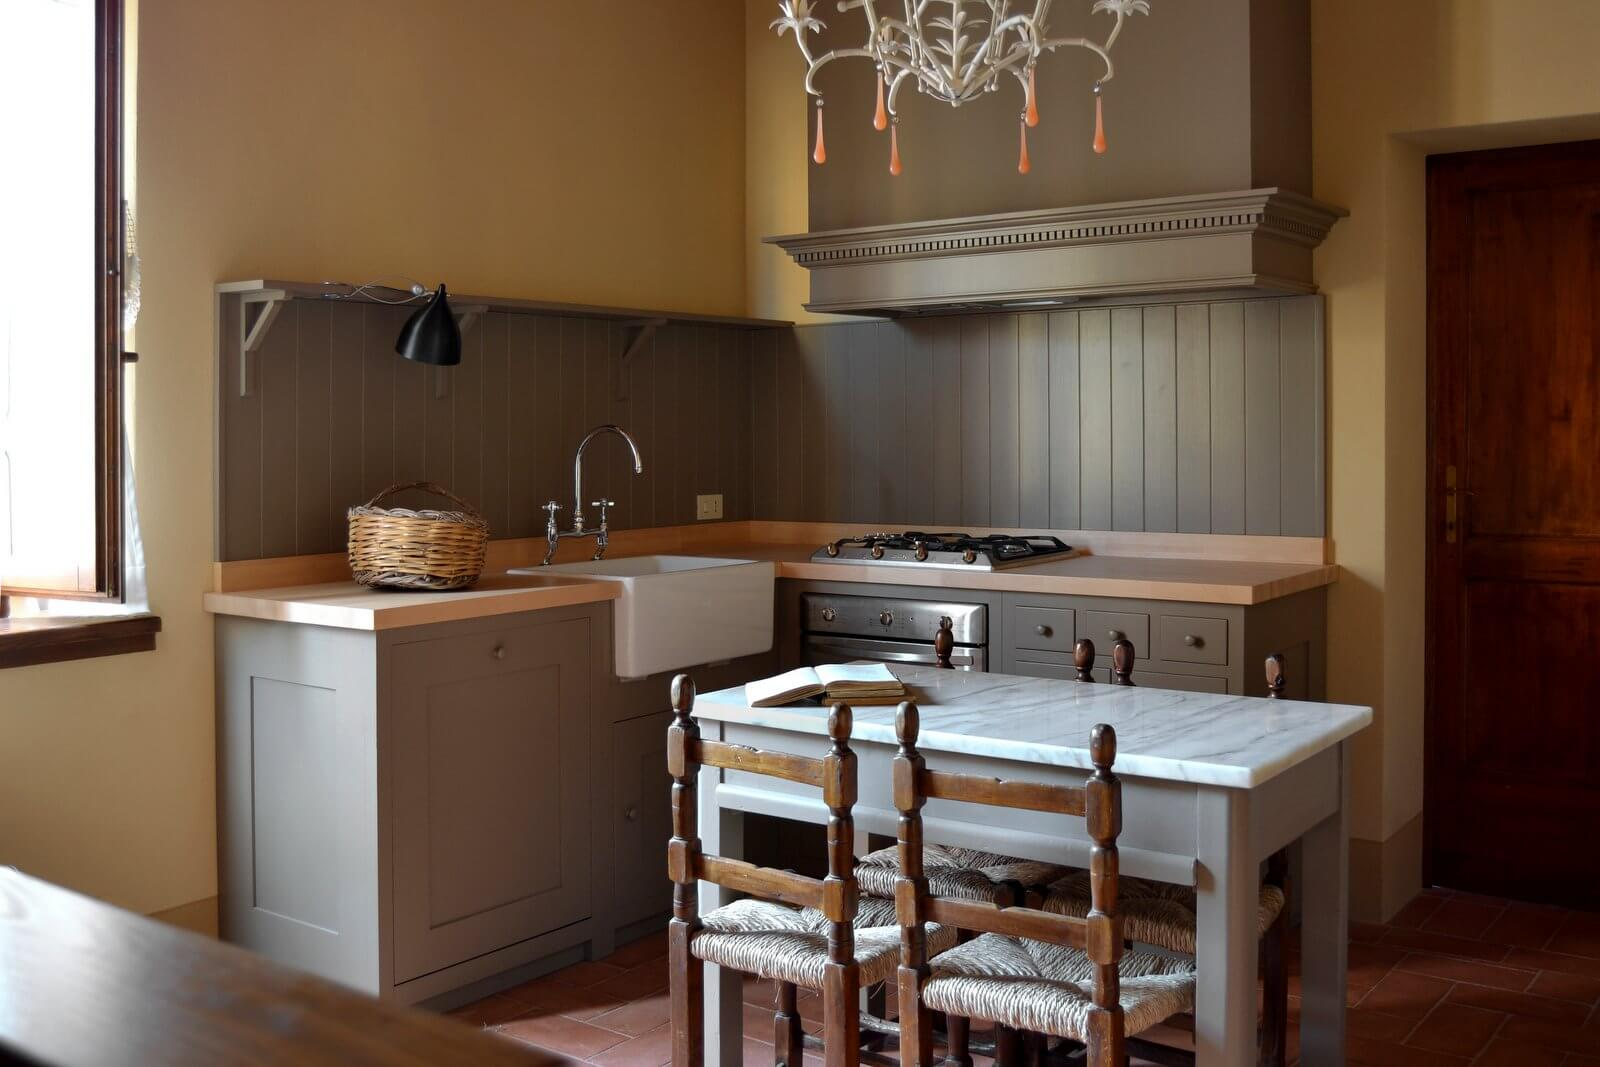 La cucina in stile shaker for Casa stile shaker